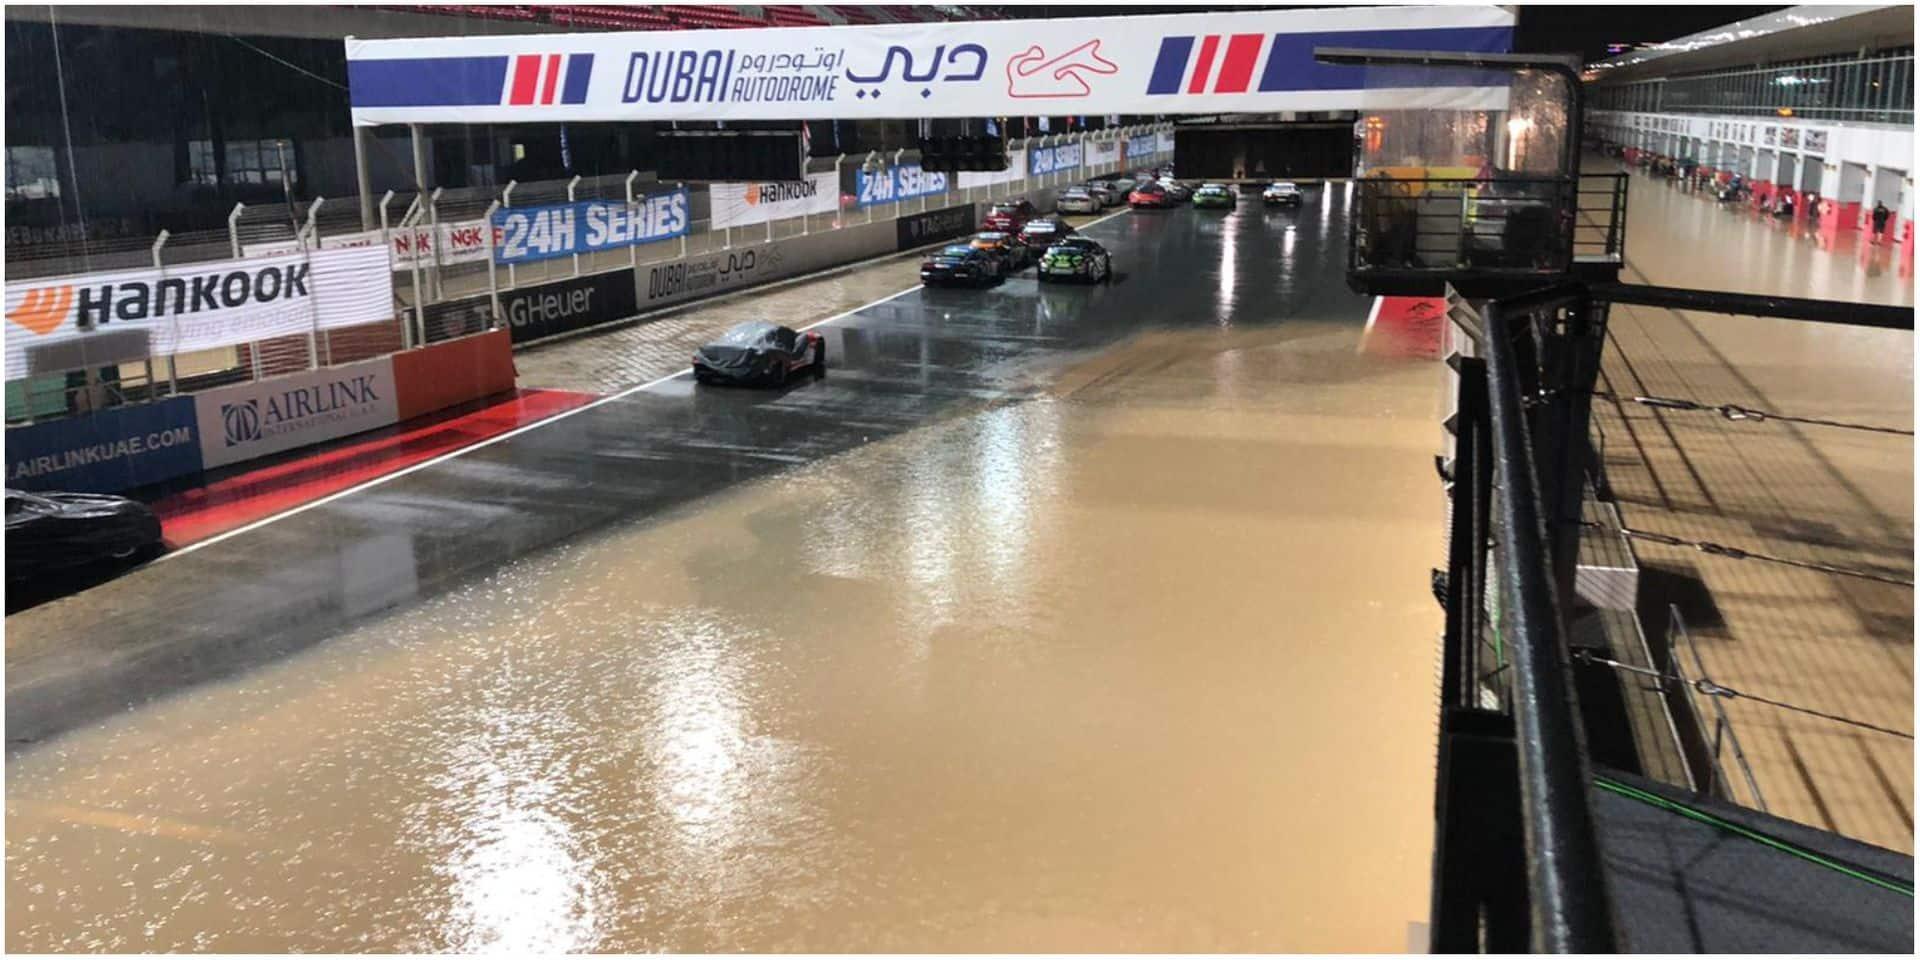 Coup dans l'eau pour les 24H de Dubai: la piste inondée suite aux intempéries